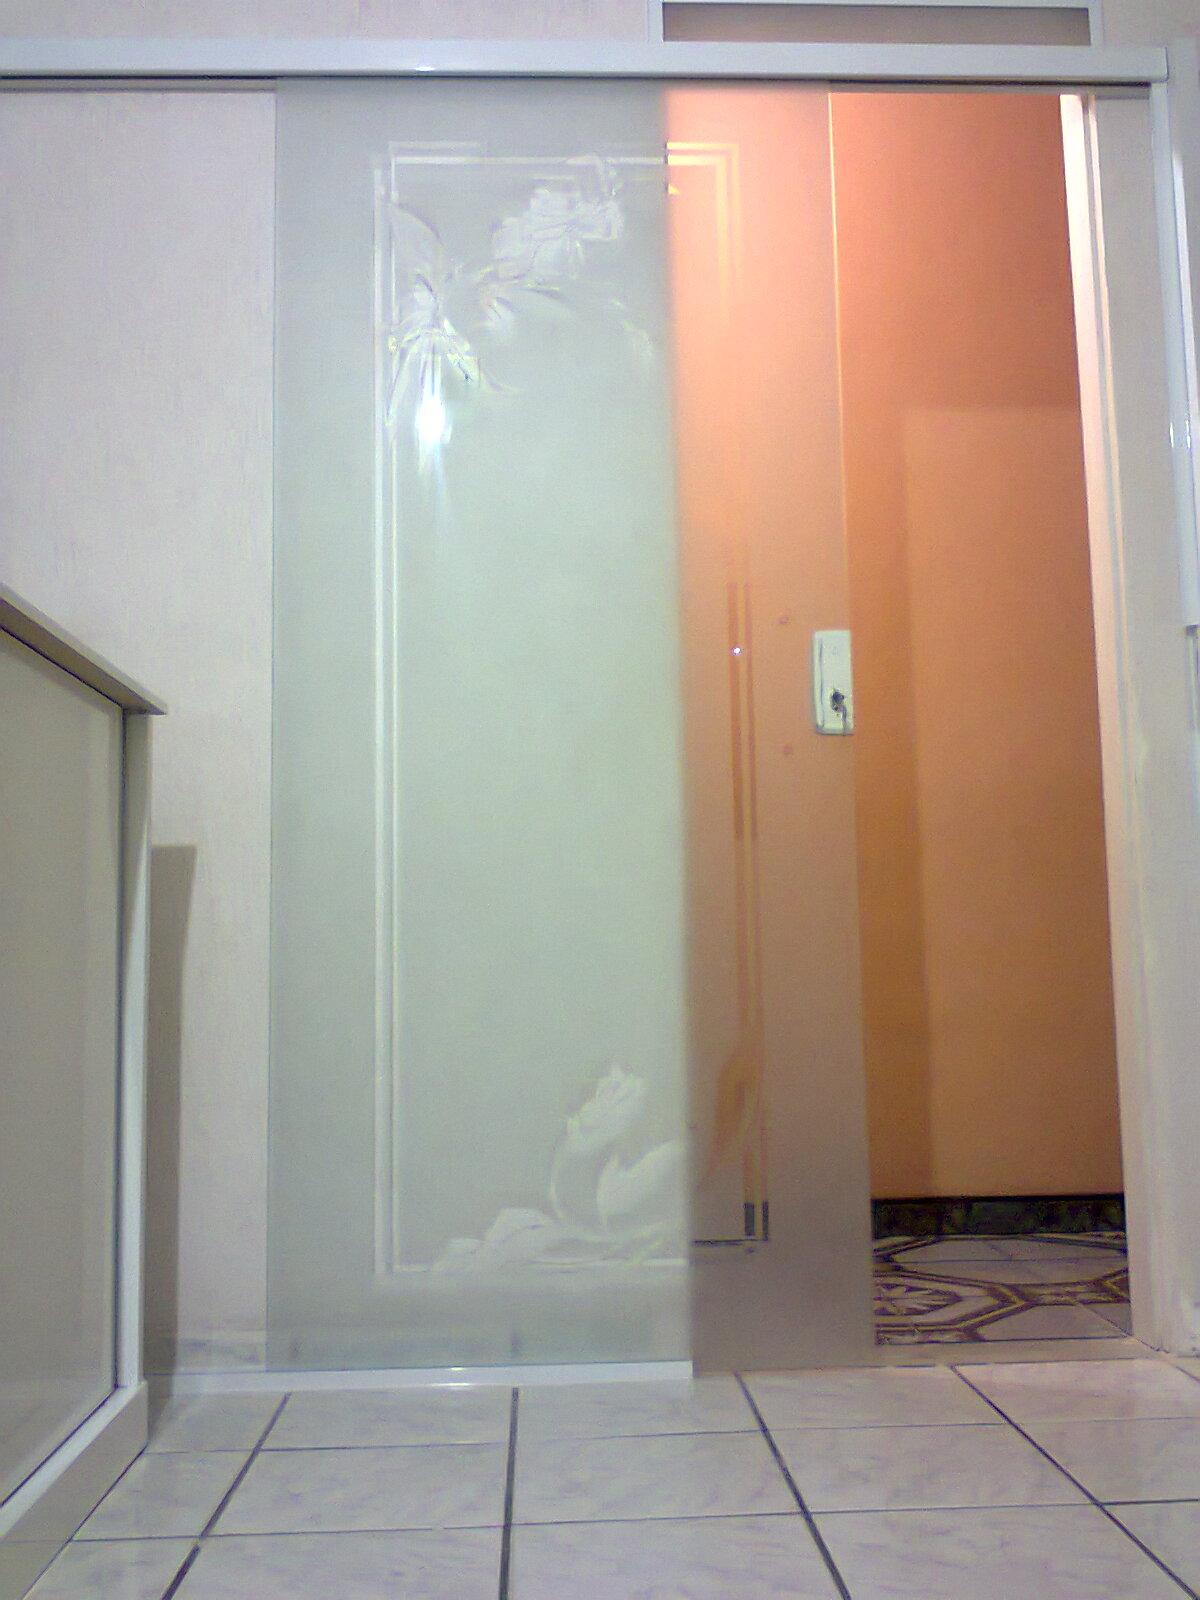 Porta de correr de vidro saiba onde pode colocar Revista das  #945537 1200 1600